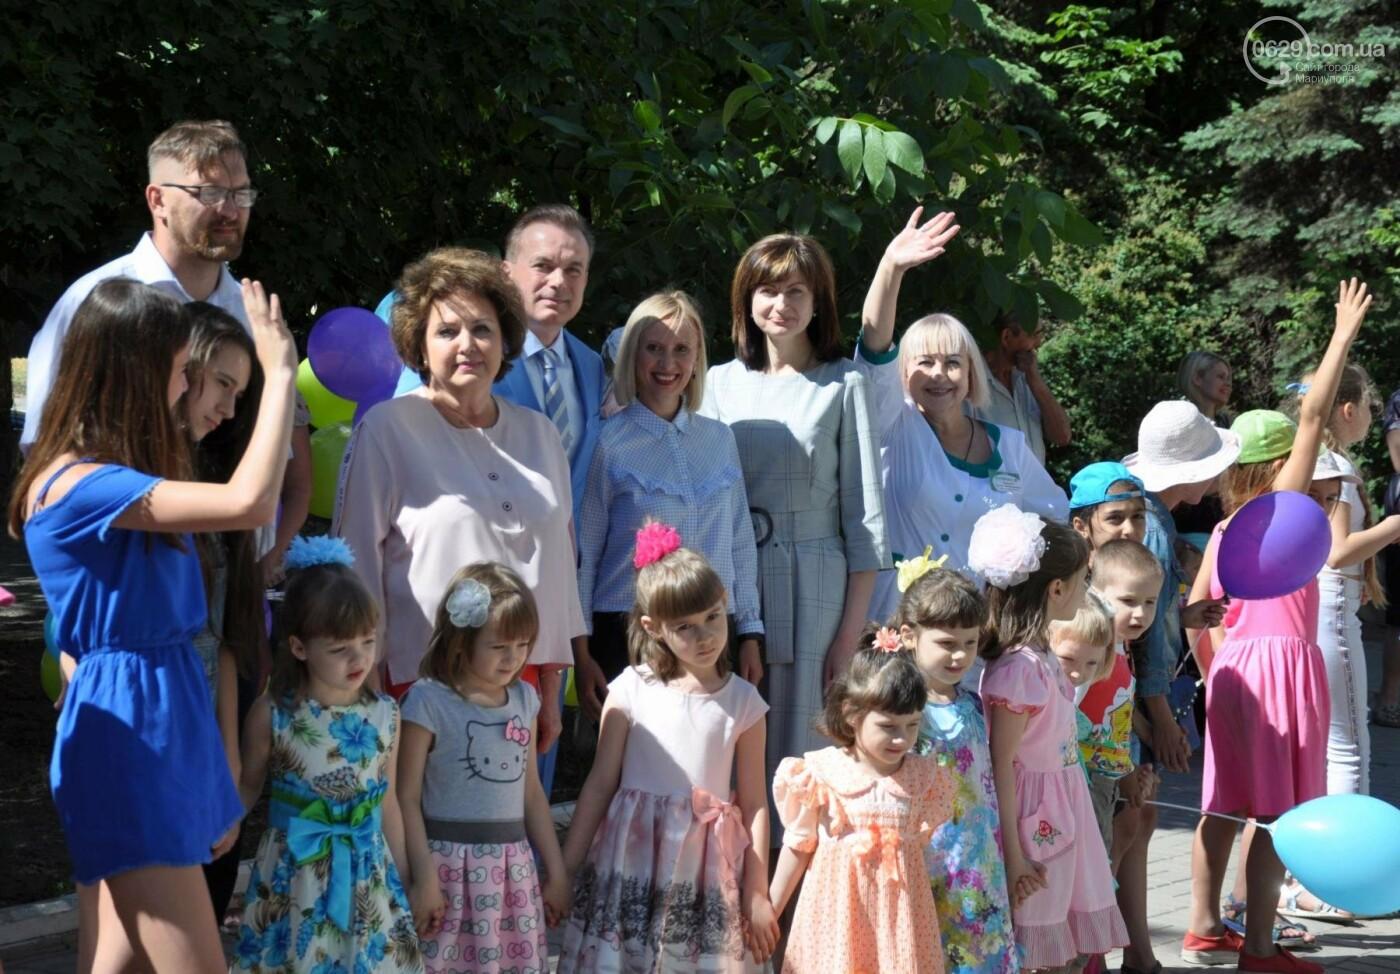 В аптеке «Азовфарм» провели праздник для детей и разыграли призы, фото-1